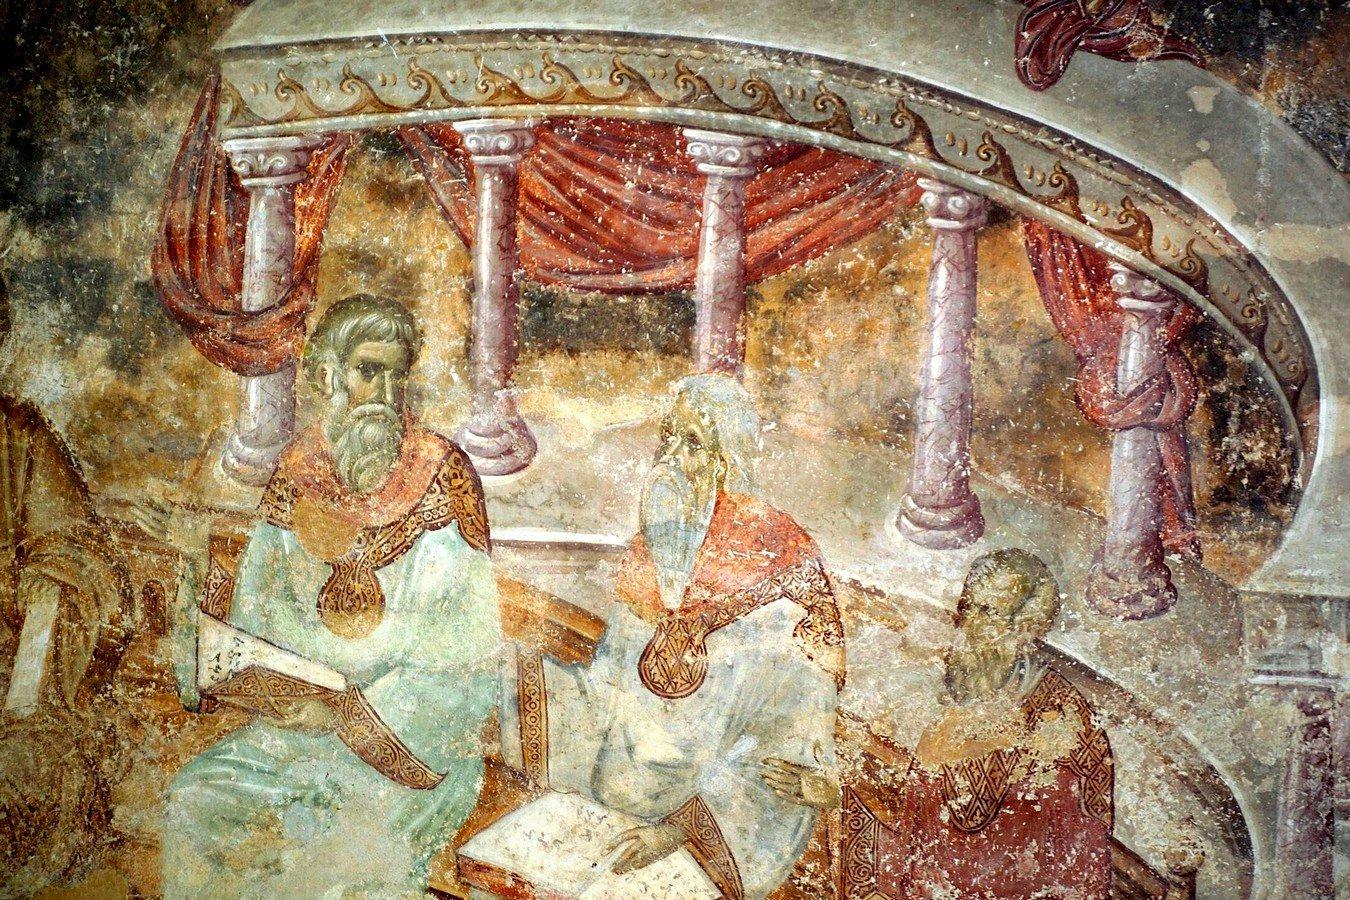 Преполовение Пятидесятницы. Фреска церкви Святой Троицы в монастыре Сопочаны, Сербия. 1265 год. Фрагмент.